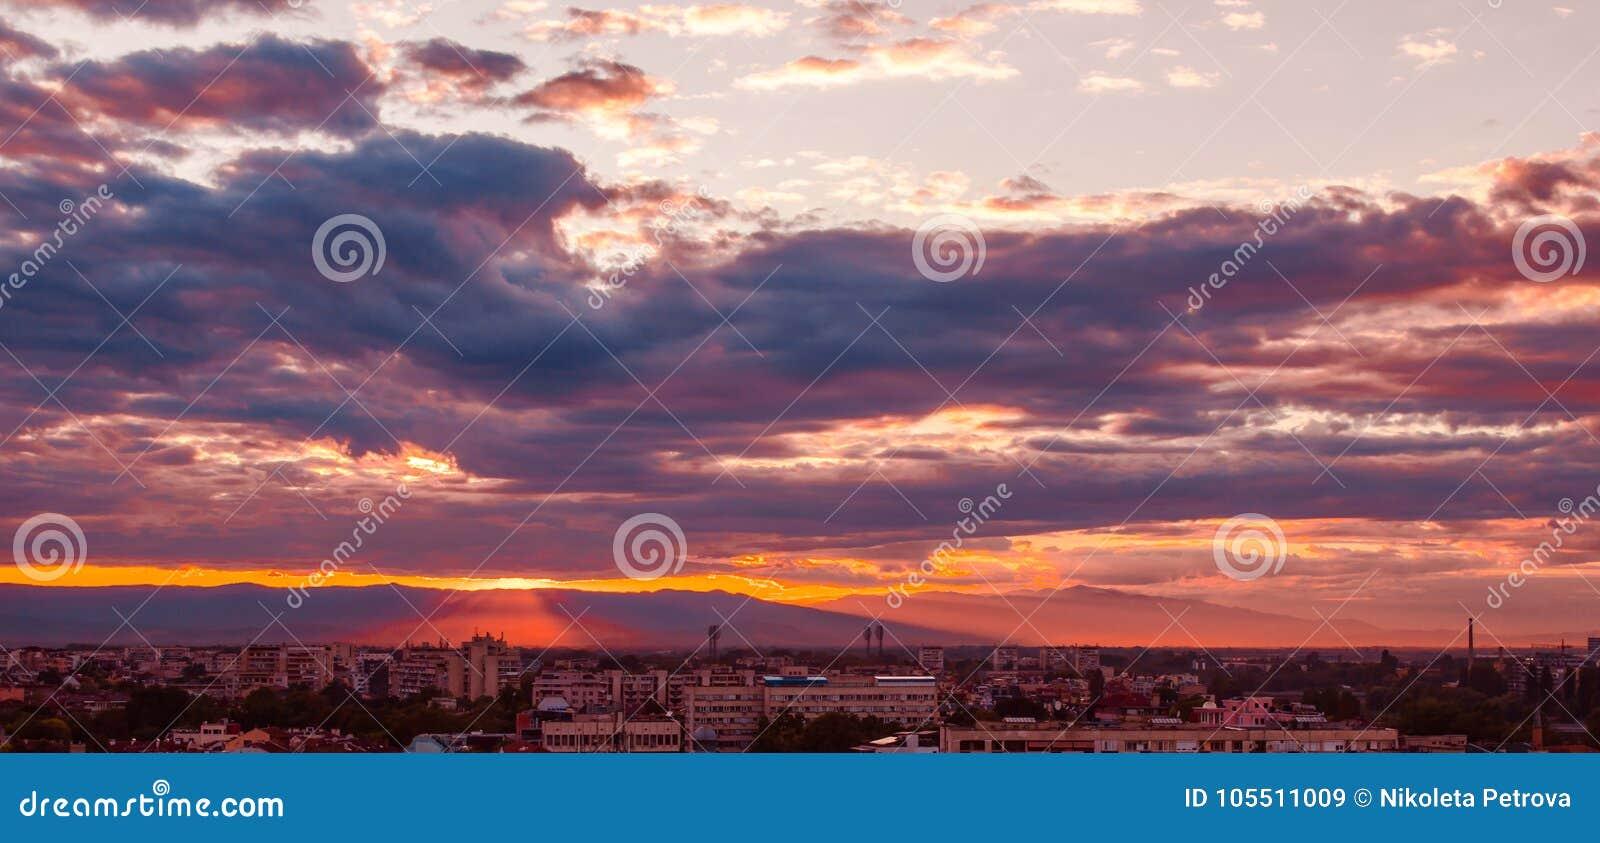 Piękny purpurowy zmierzch nad miastem